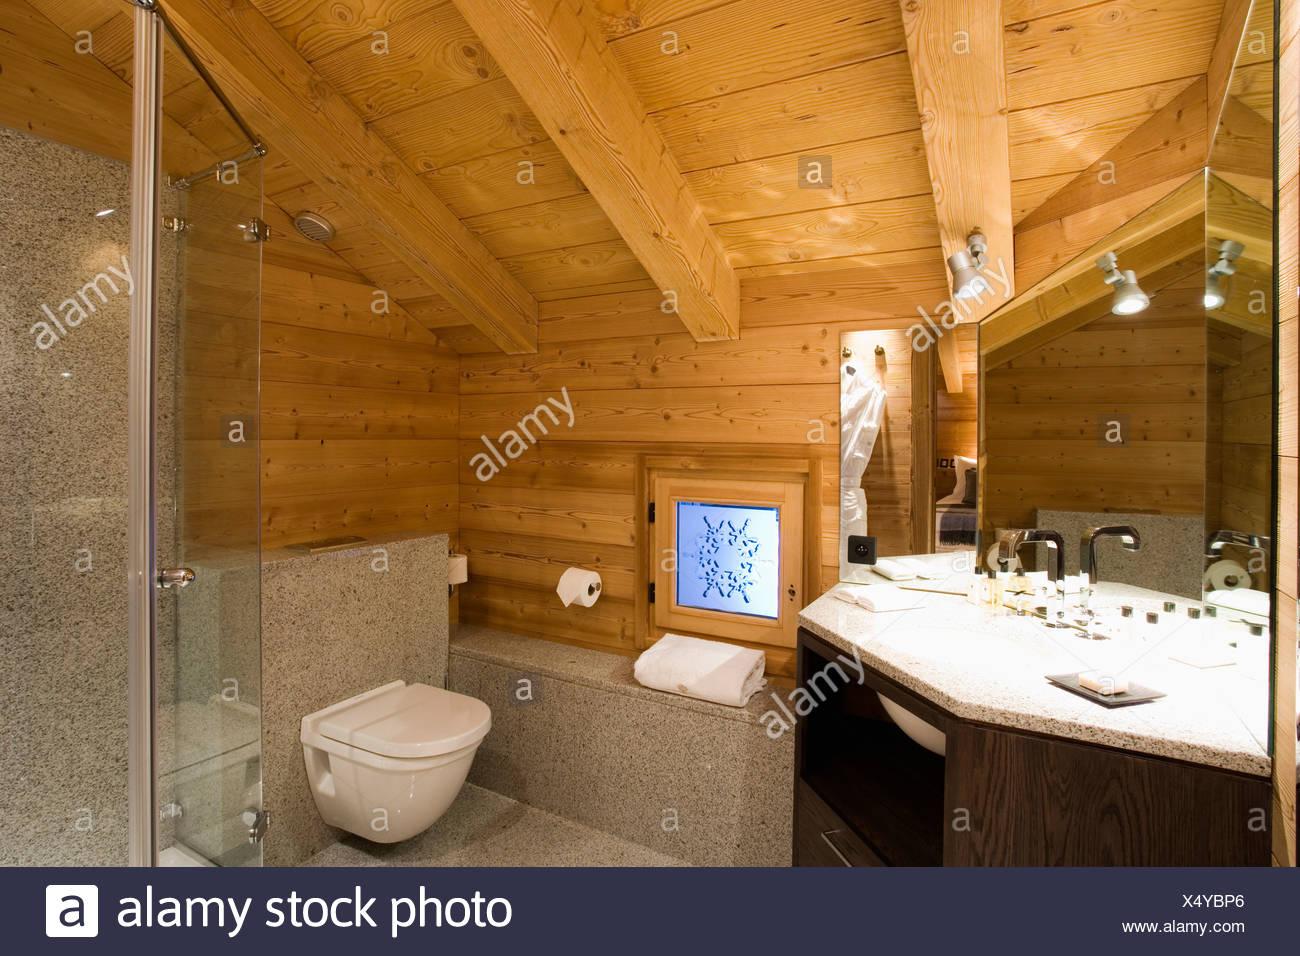 Holzerne Decke Und Wande In Alphutte Badezimmer Stockfotografie Alamy